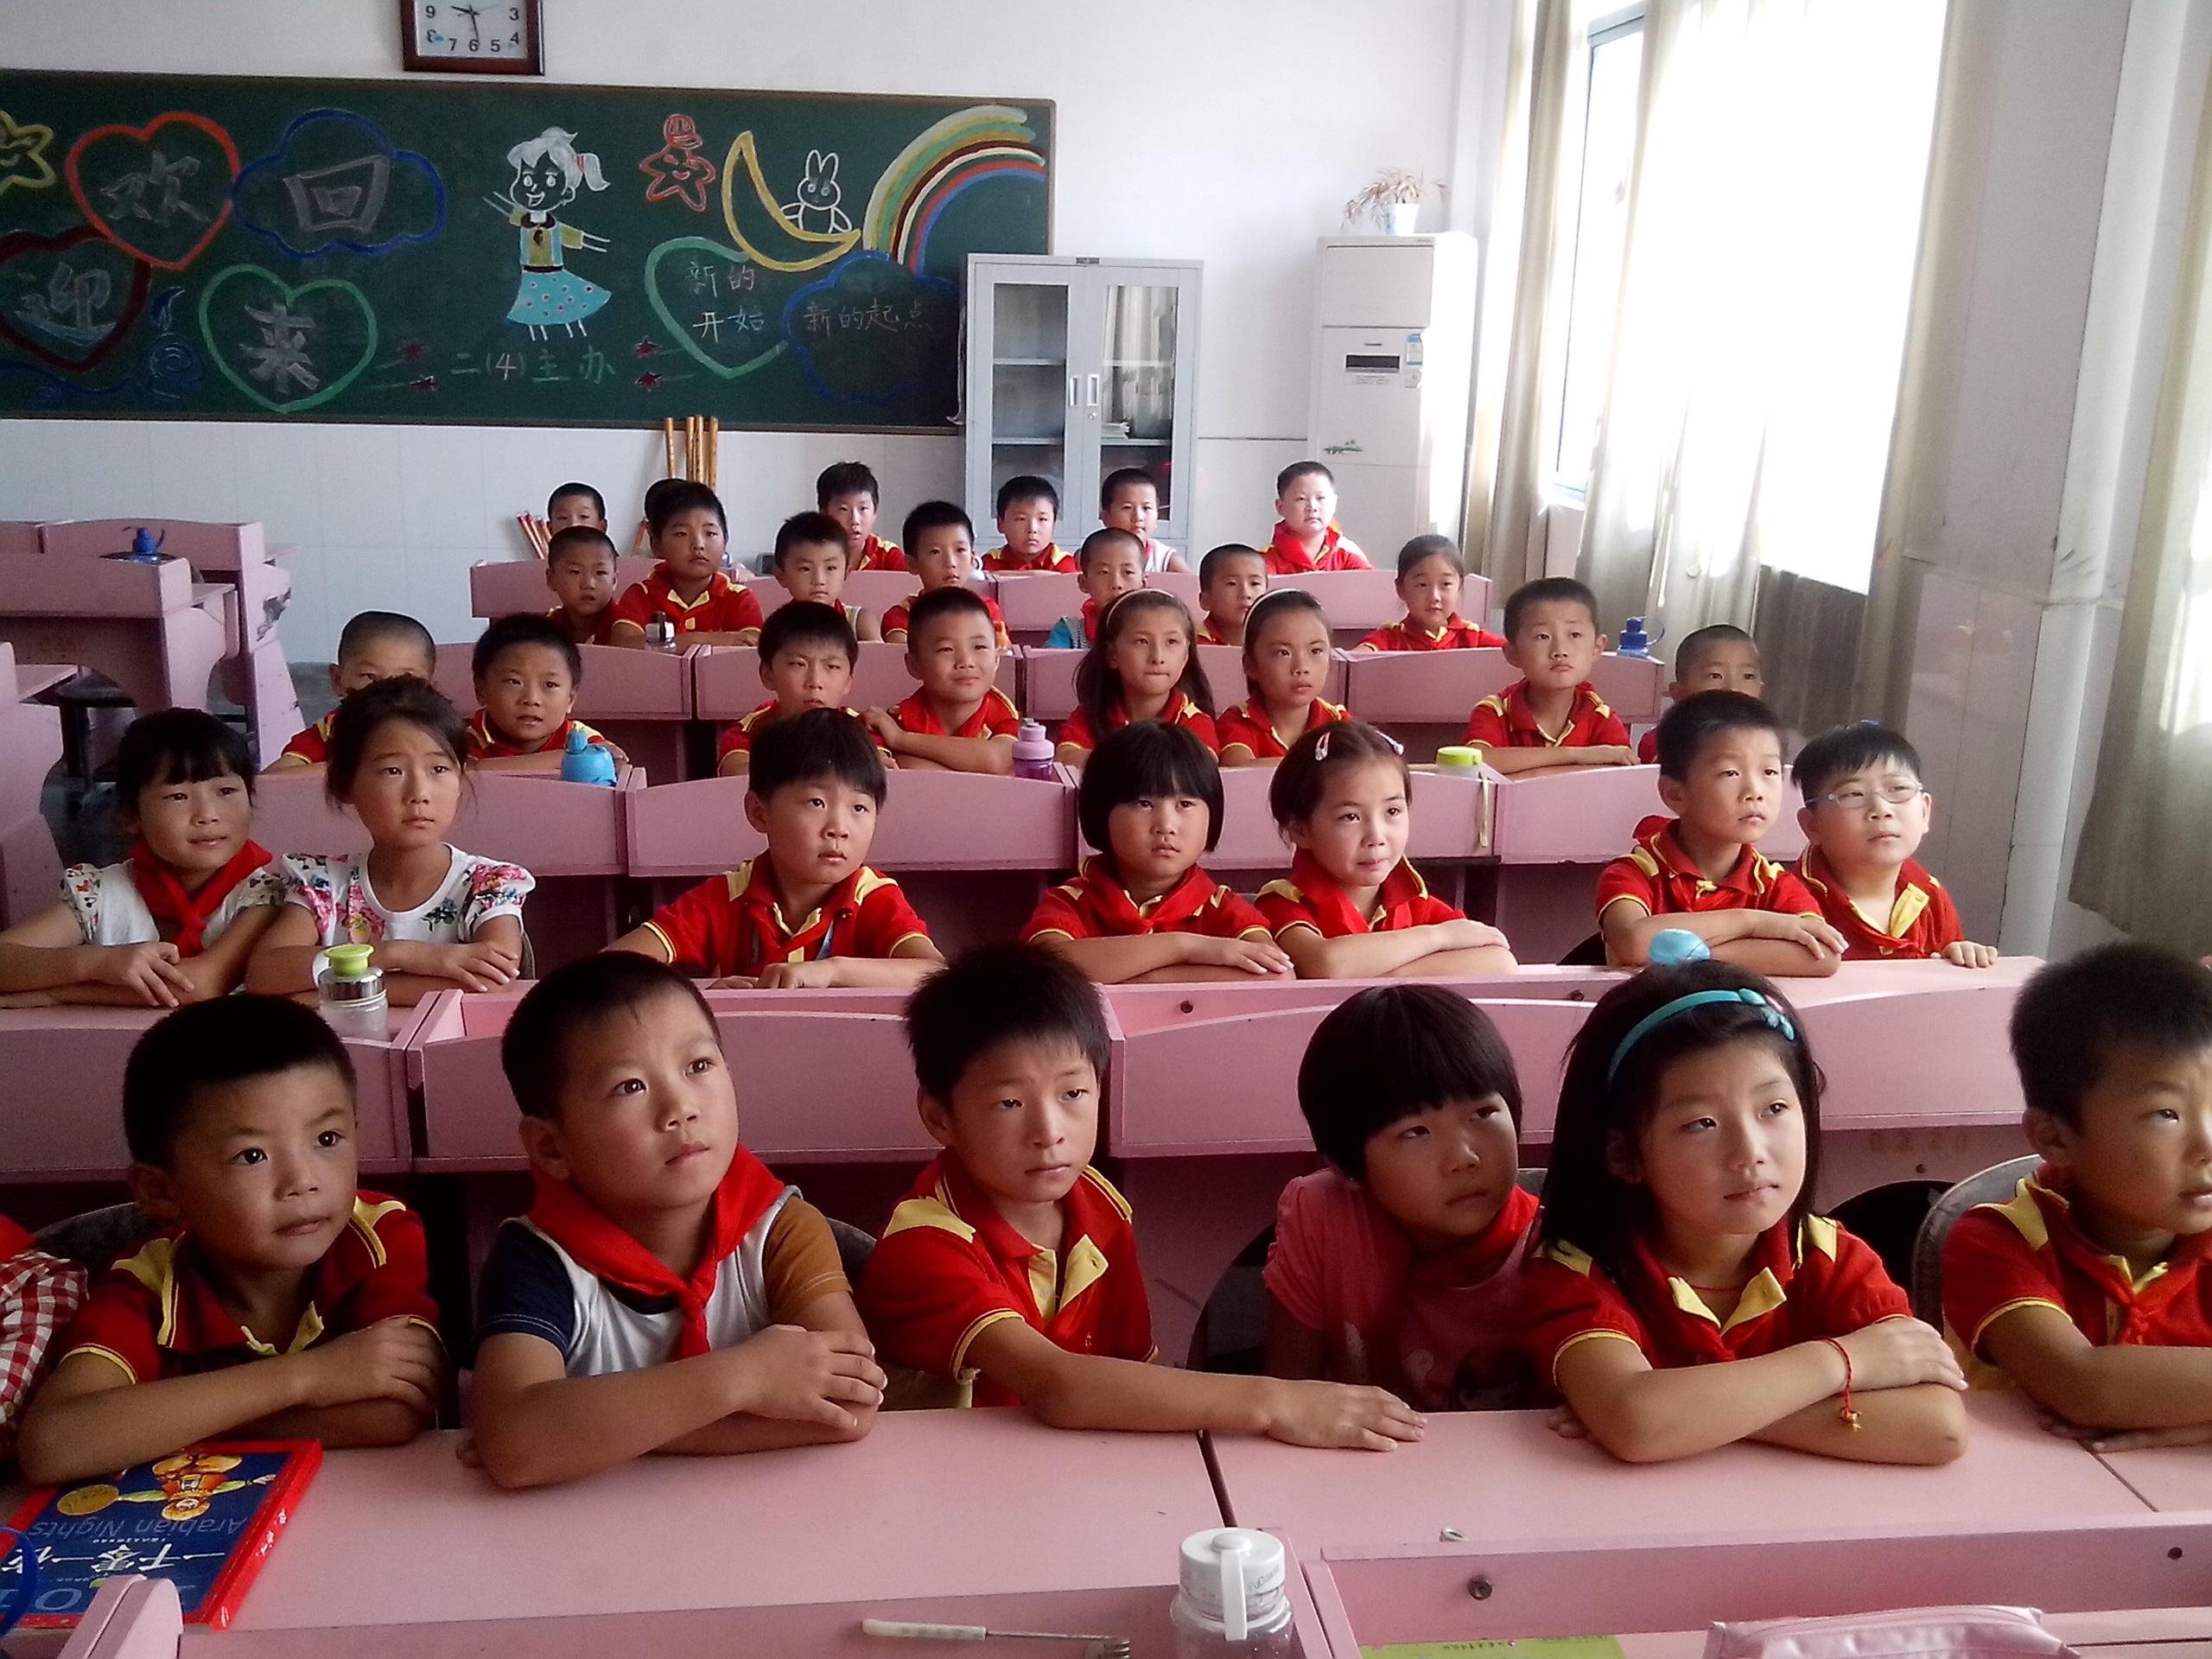 华杰双语学校少先队组织队员收看 开学第一课